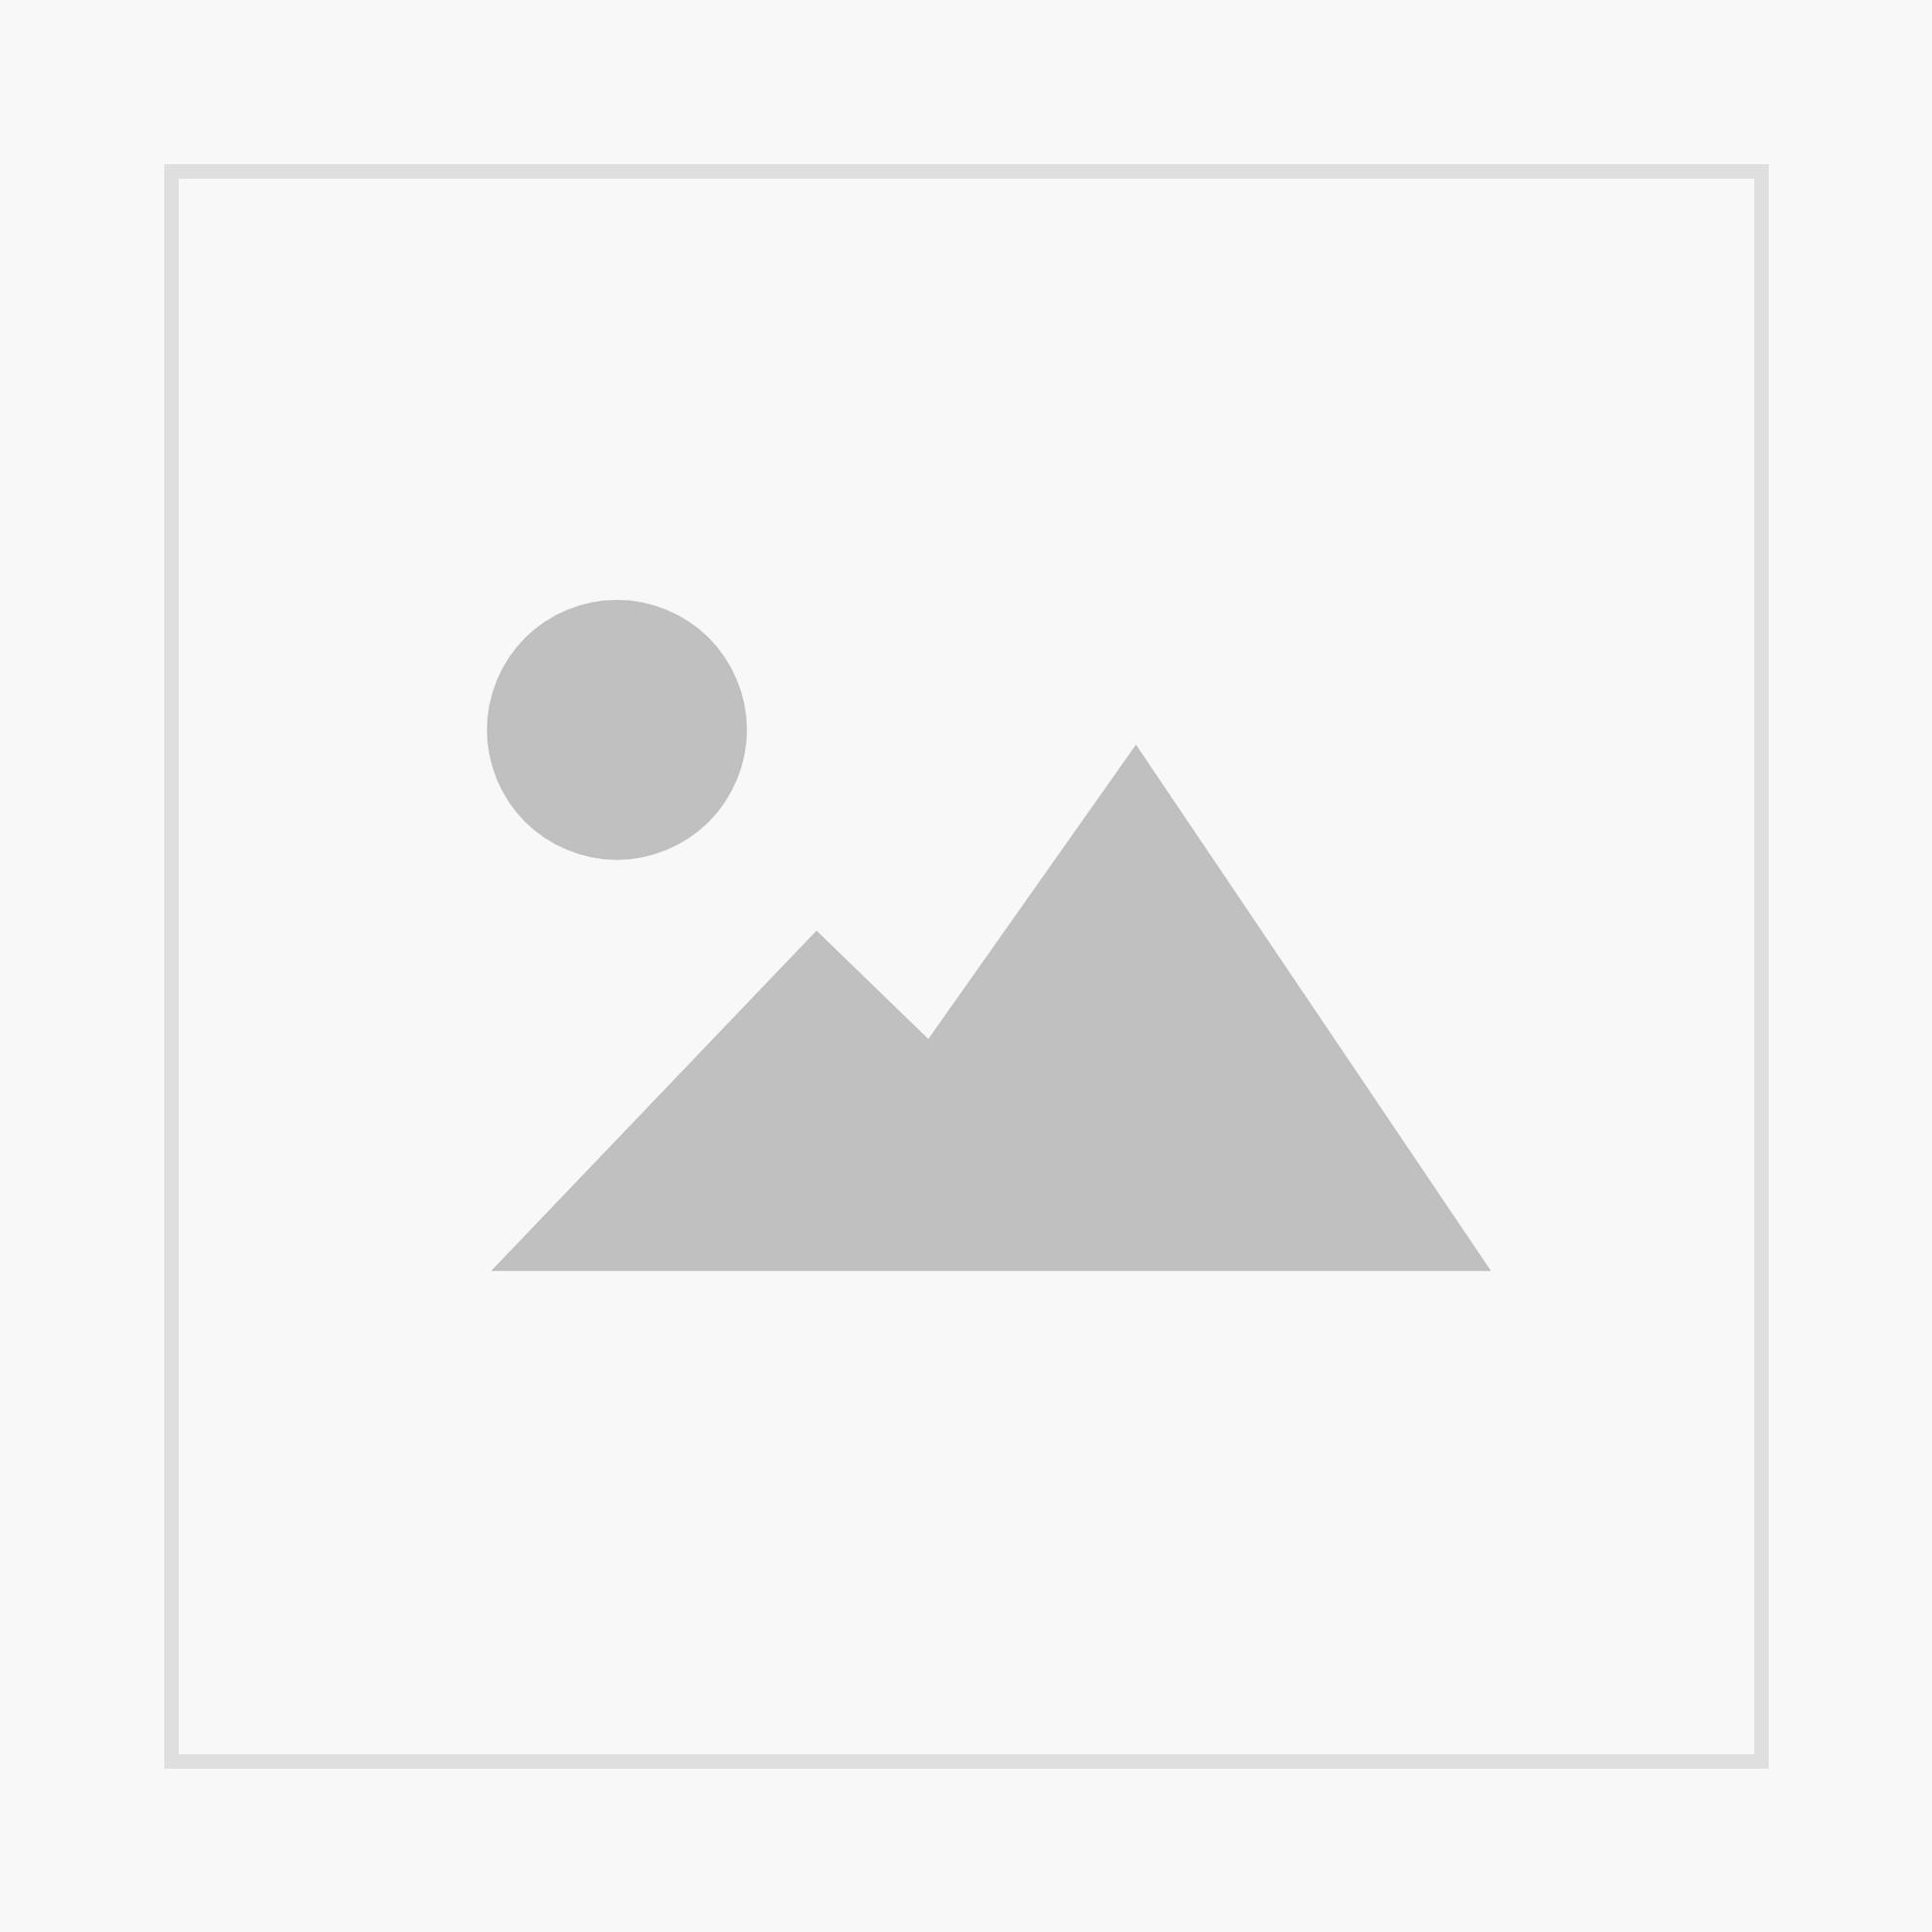 NaBiV Heft 154: Halboffene Verbundkorridore: Ökologische Funktion, Leitbilder und Praxis-Leitfaden